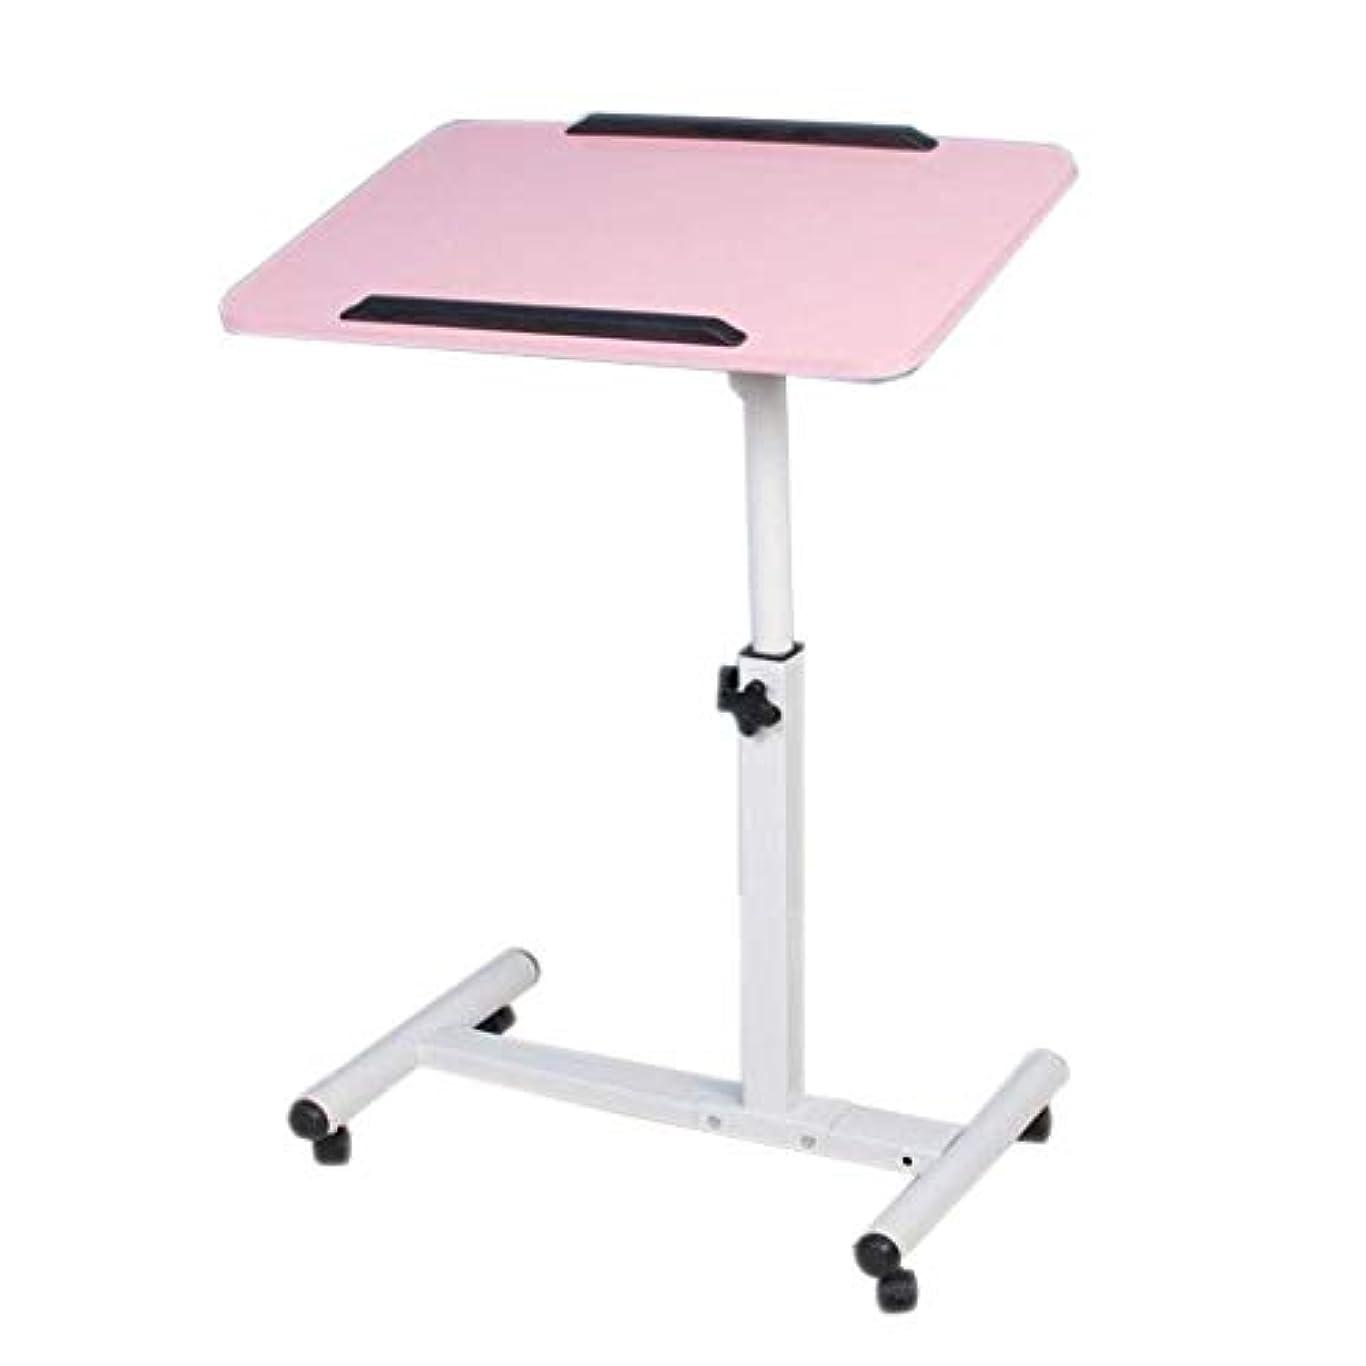 イサカ特権ミリメーターYalztc-zyq16 現代的なミニマリストテーブルを高めたコンピュータデスクリフトテーブルデスク怠惰なテーブルベッド